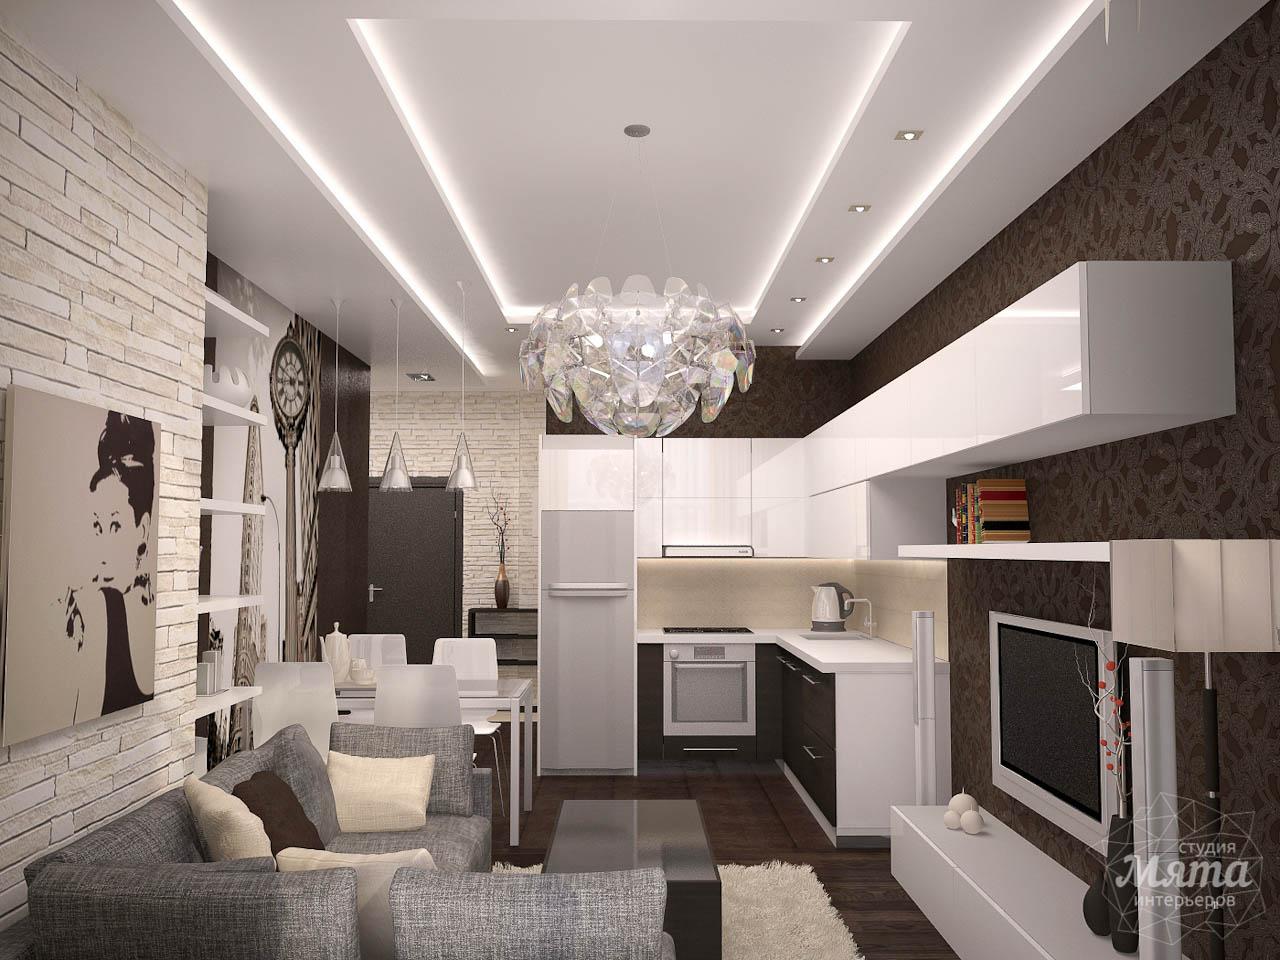 Дизайн интерьера трехкомнатной квартиры по ул. Папанина 18 img1214853551